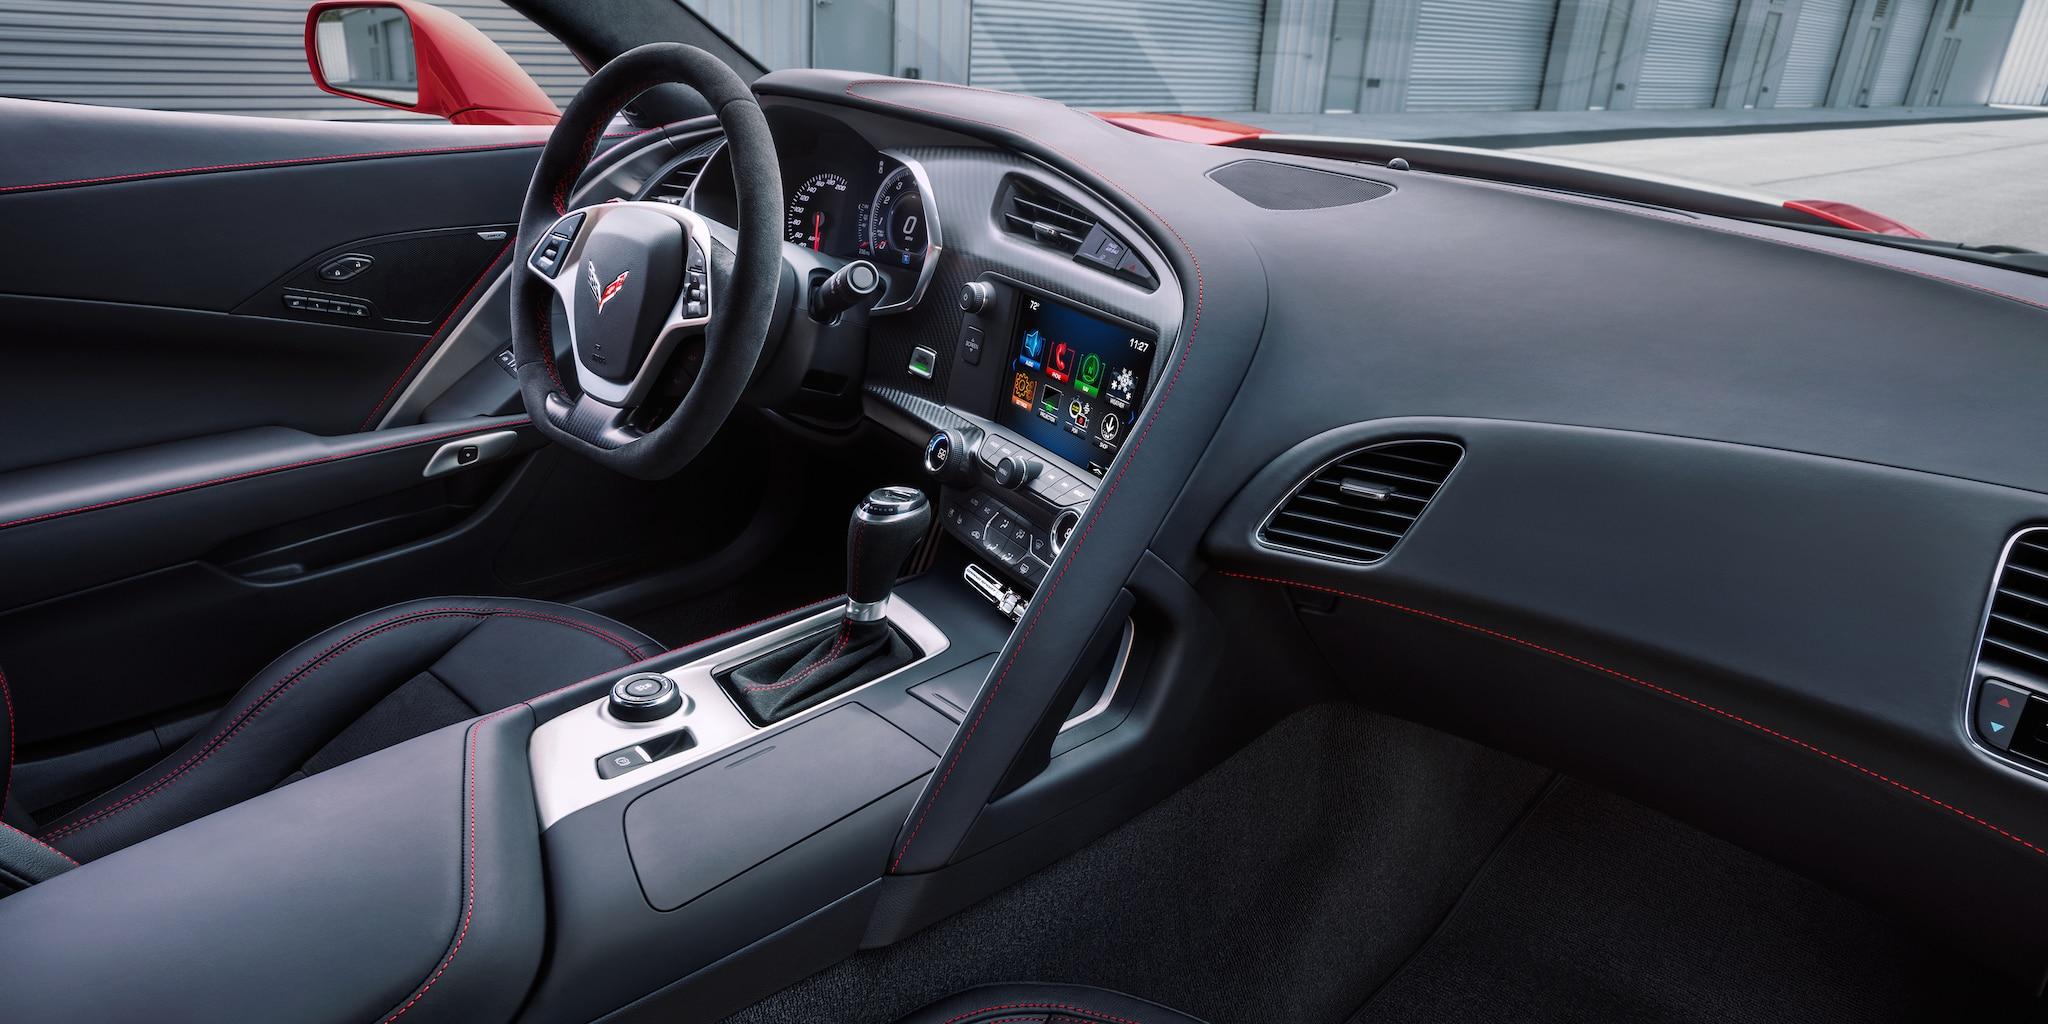 Diseño del auto deportivo Corvette Grand Sport 2018: interior, tablero